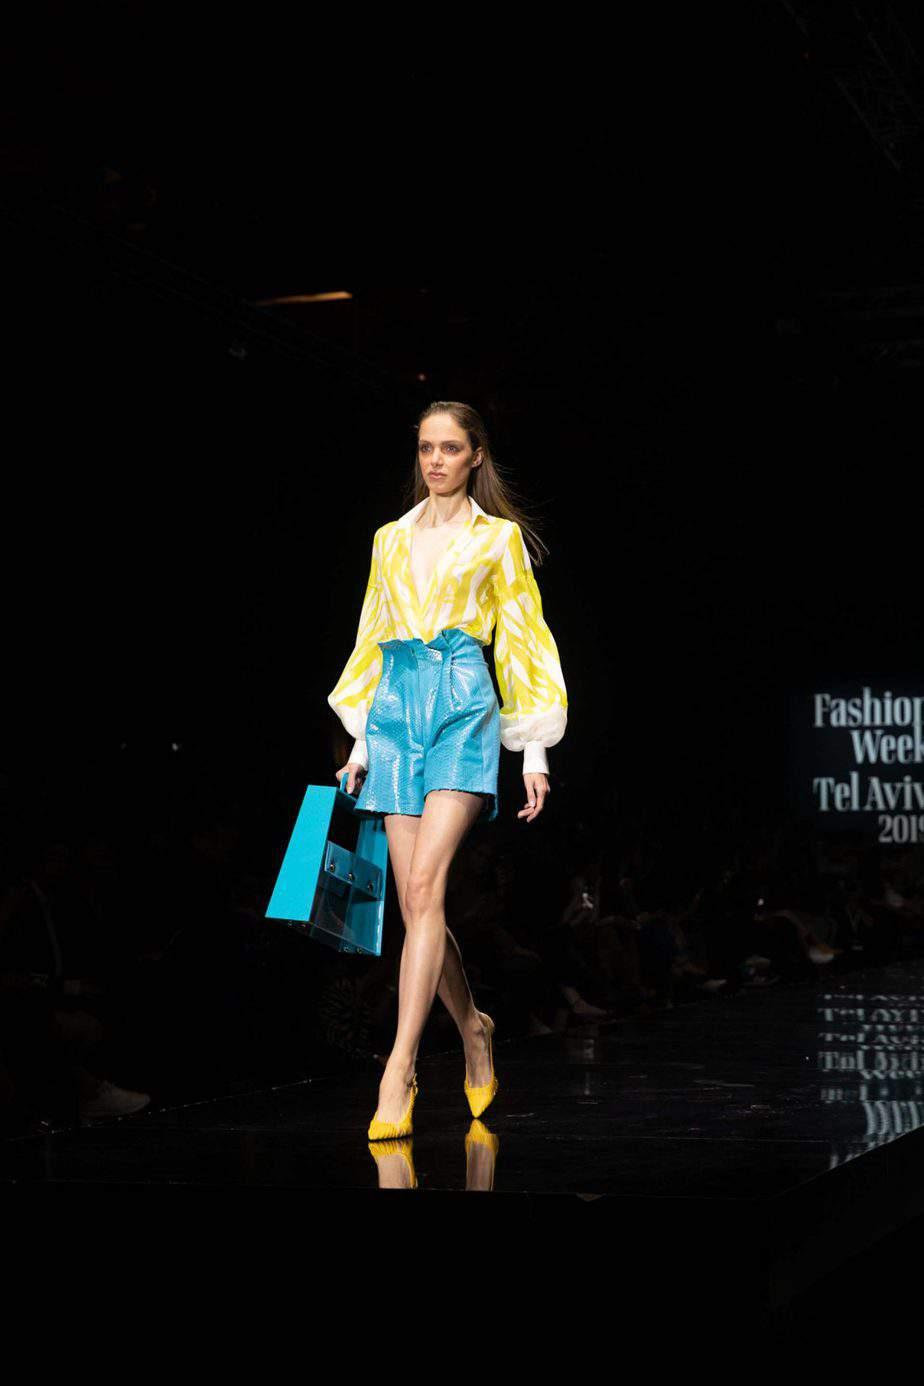 שי שלום. שבוע האופנה תל אביב 2019. צילום: עומר קפלן